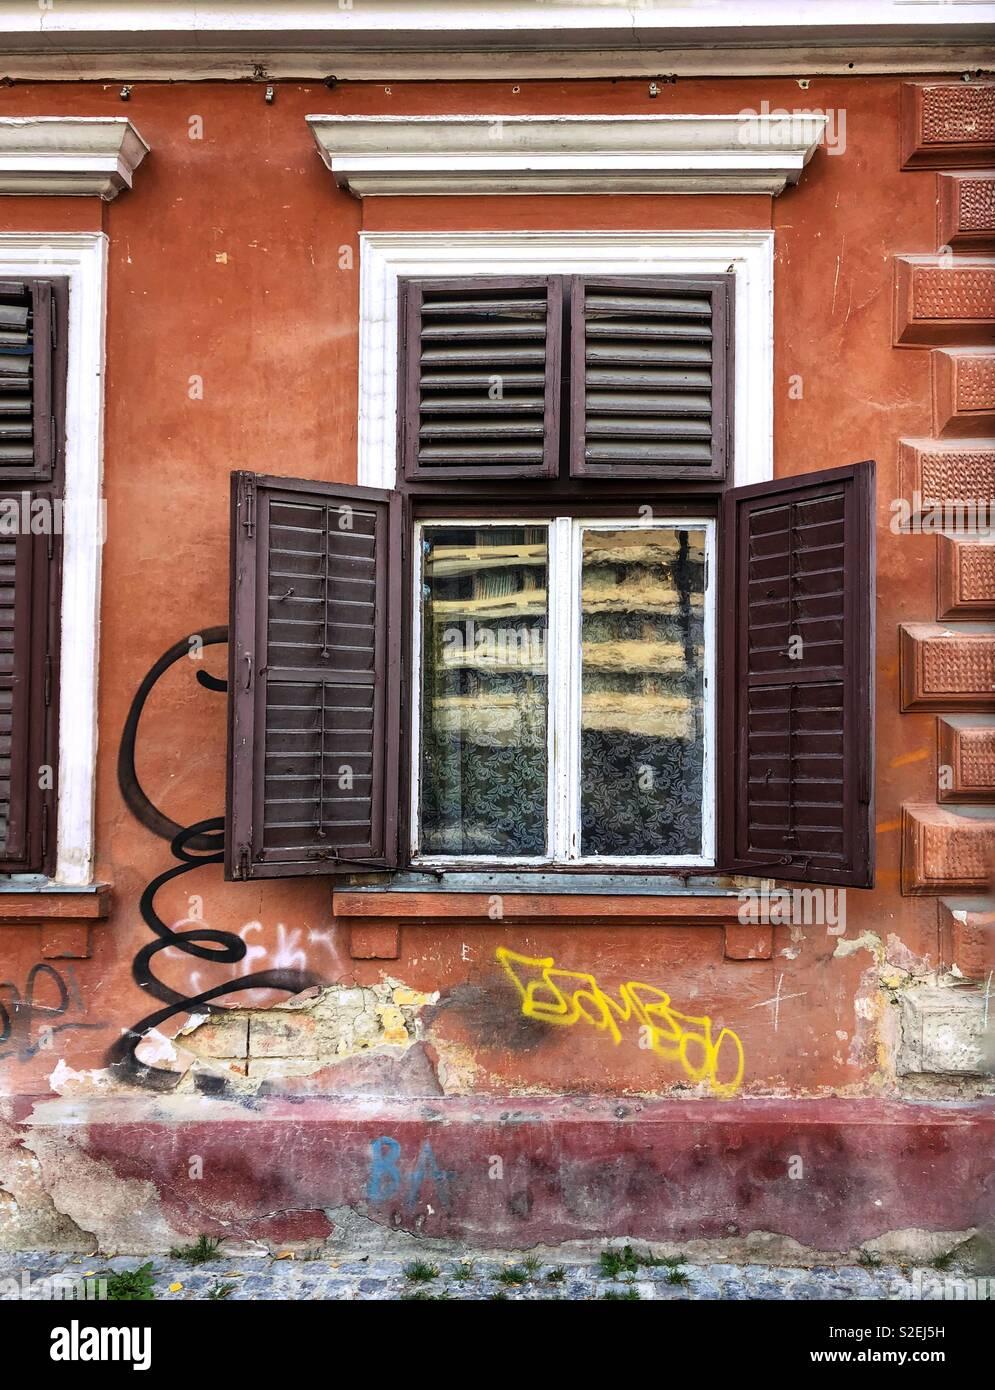 Ouvrez la fenêtre volets marron, réflexion et graffiti sur un mur peint. Banque D'Images